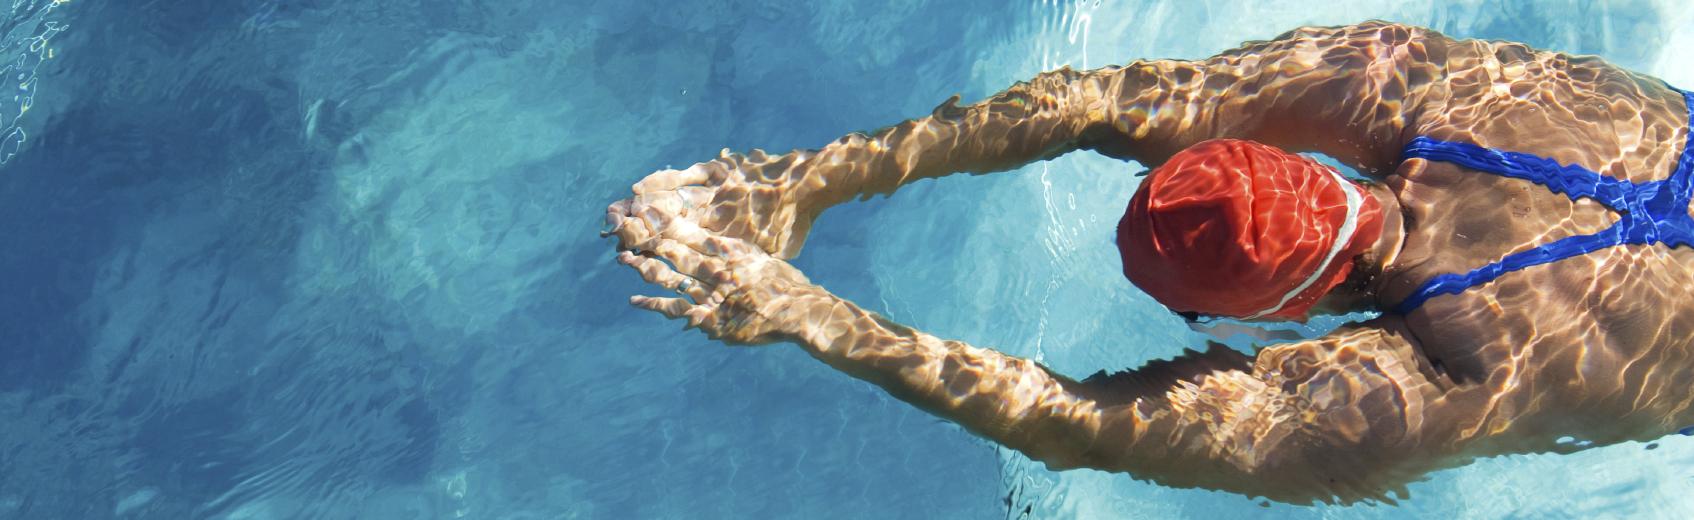 En collaboration avec l'école de natation de Genève et Genève Natation 1885, venez améliorer votre technique de nage dans le bassin olympique des Vernets ou de Varembé.  Les débutants n'ayant encore que peu ou jamais nagé sont accompagnés de manière adaptée.